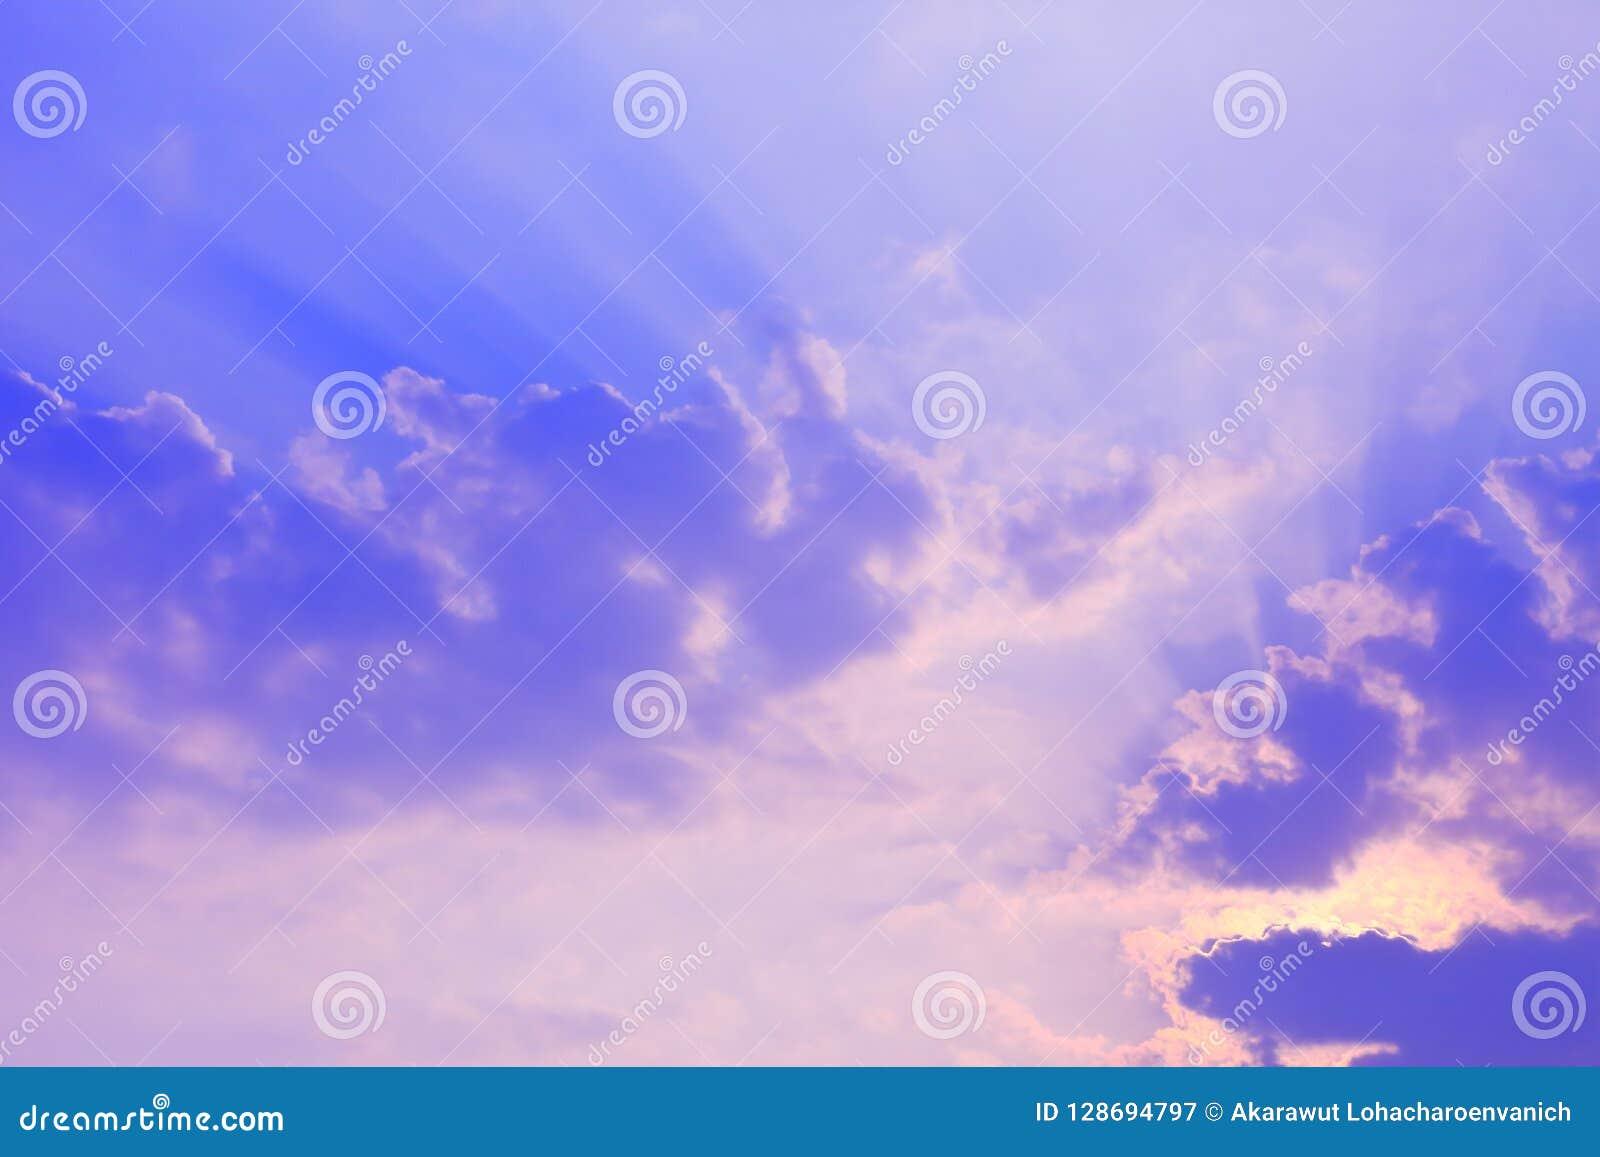 Bedöva ljusa sken för sol till och med molnet i en ljus blå himmel